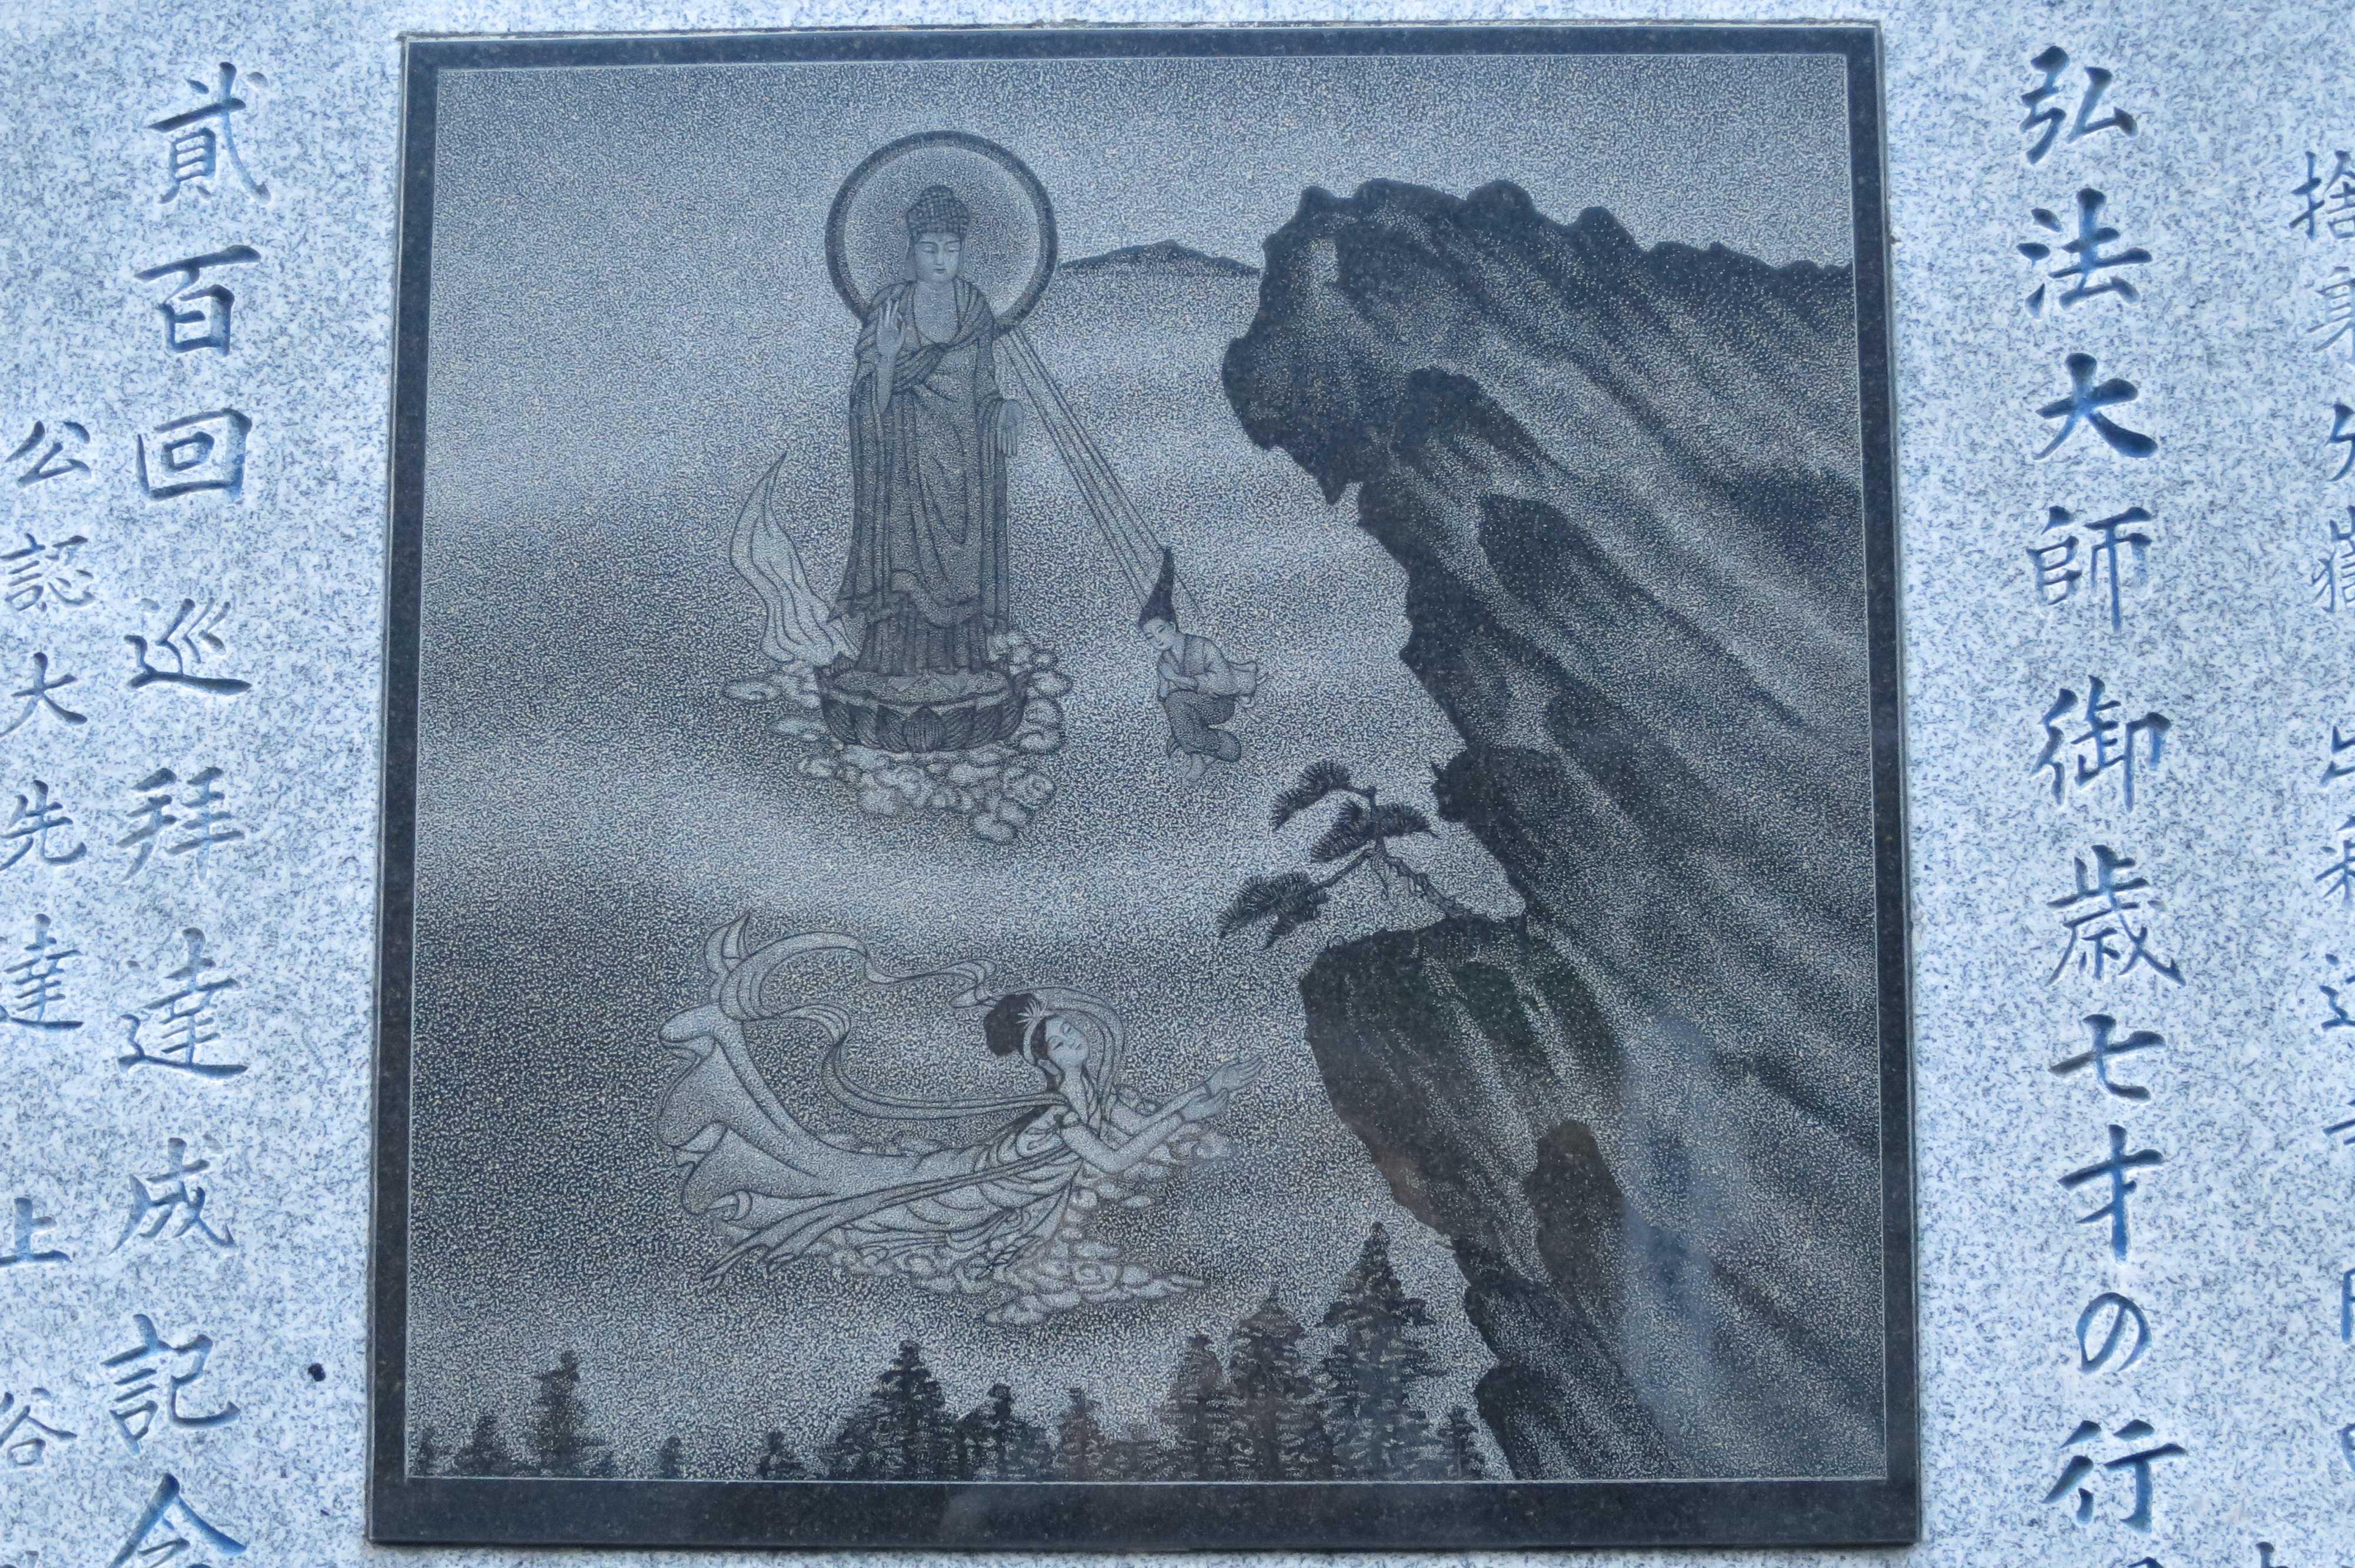 弘法大師 御歳七才の行場 - 出釈迦寺奥の院捨身ヶ嶽禅定